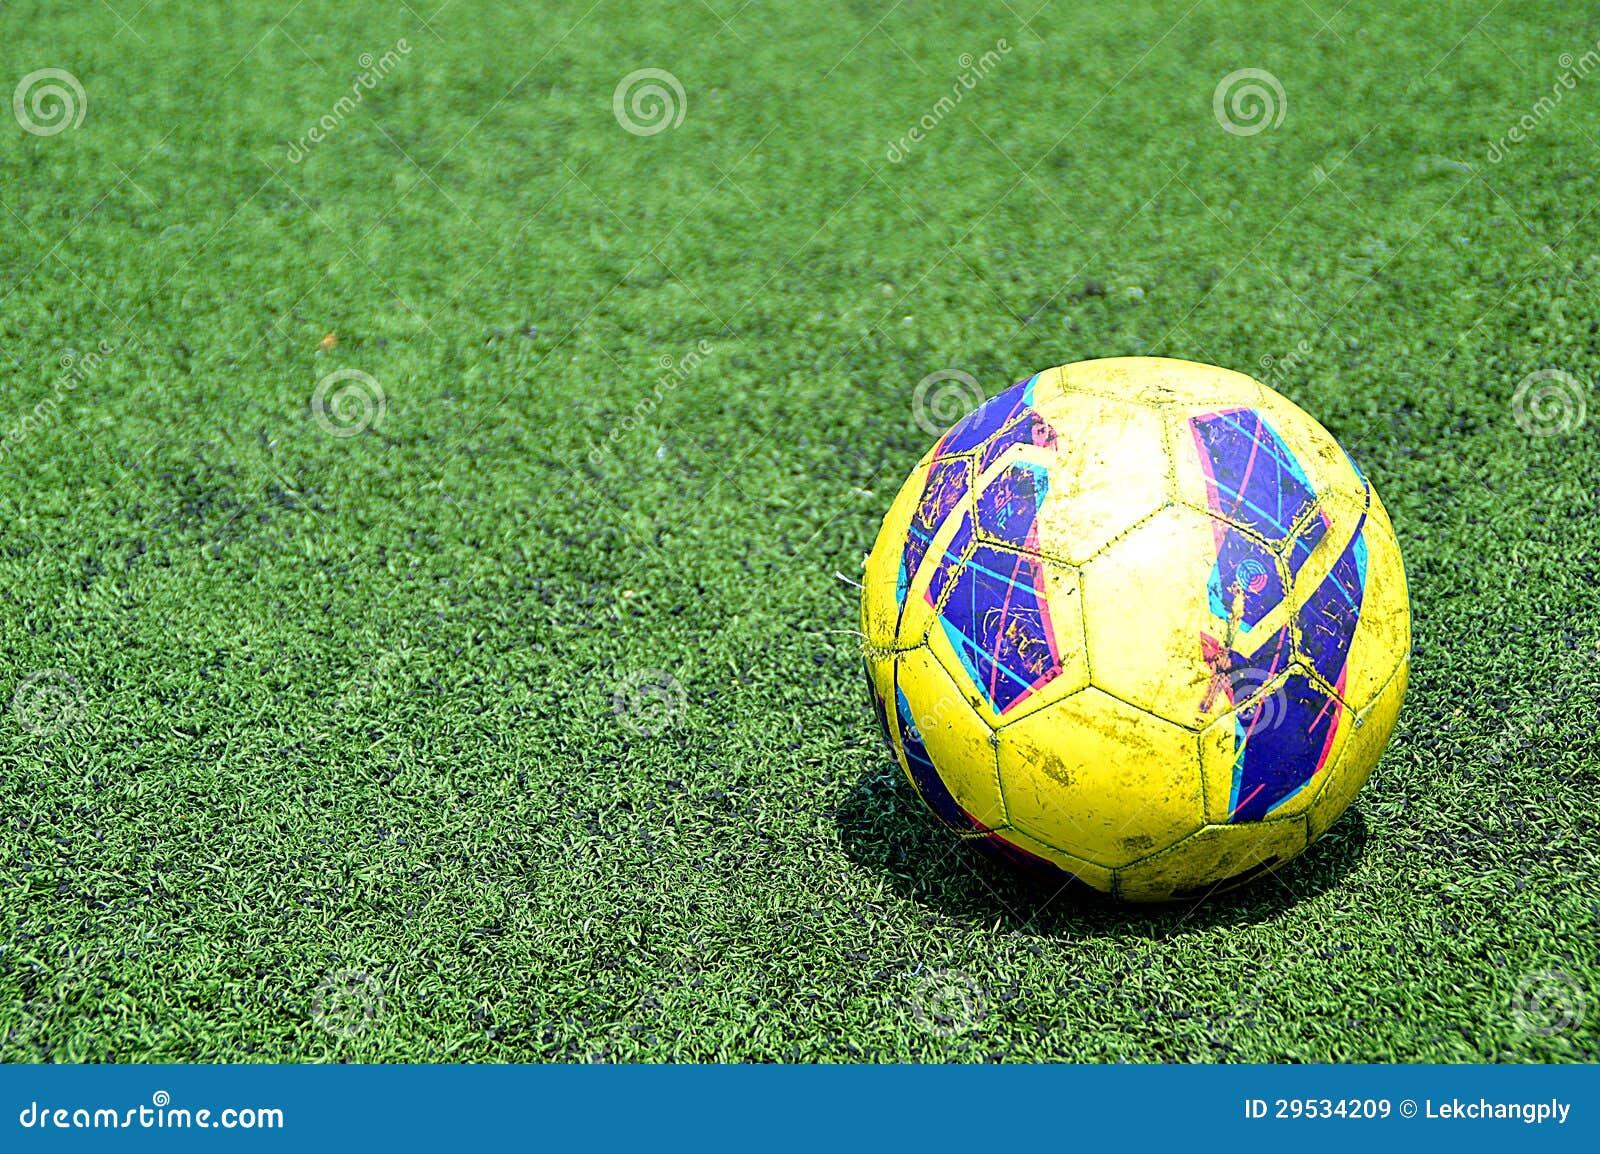 Bola de futebol em campos verdes